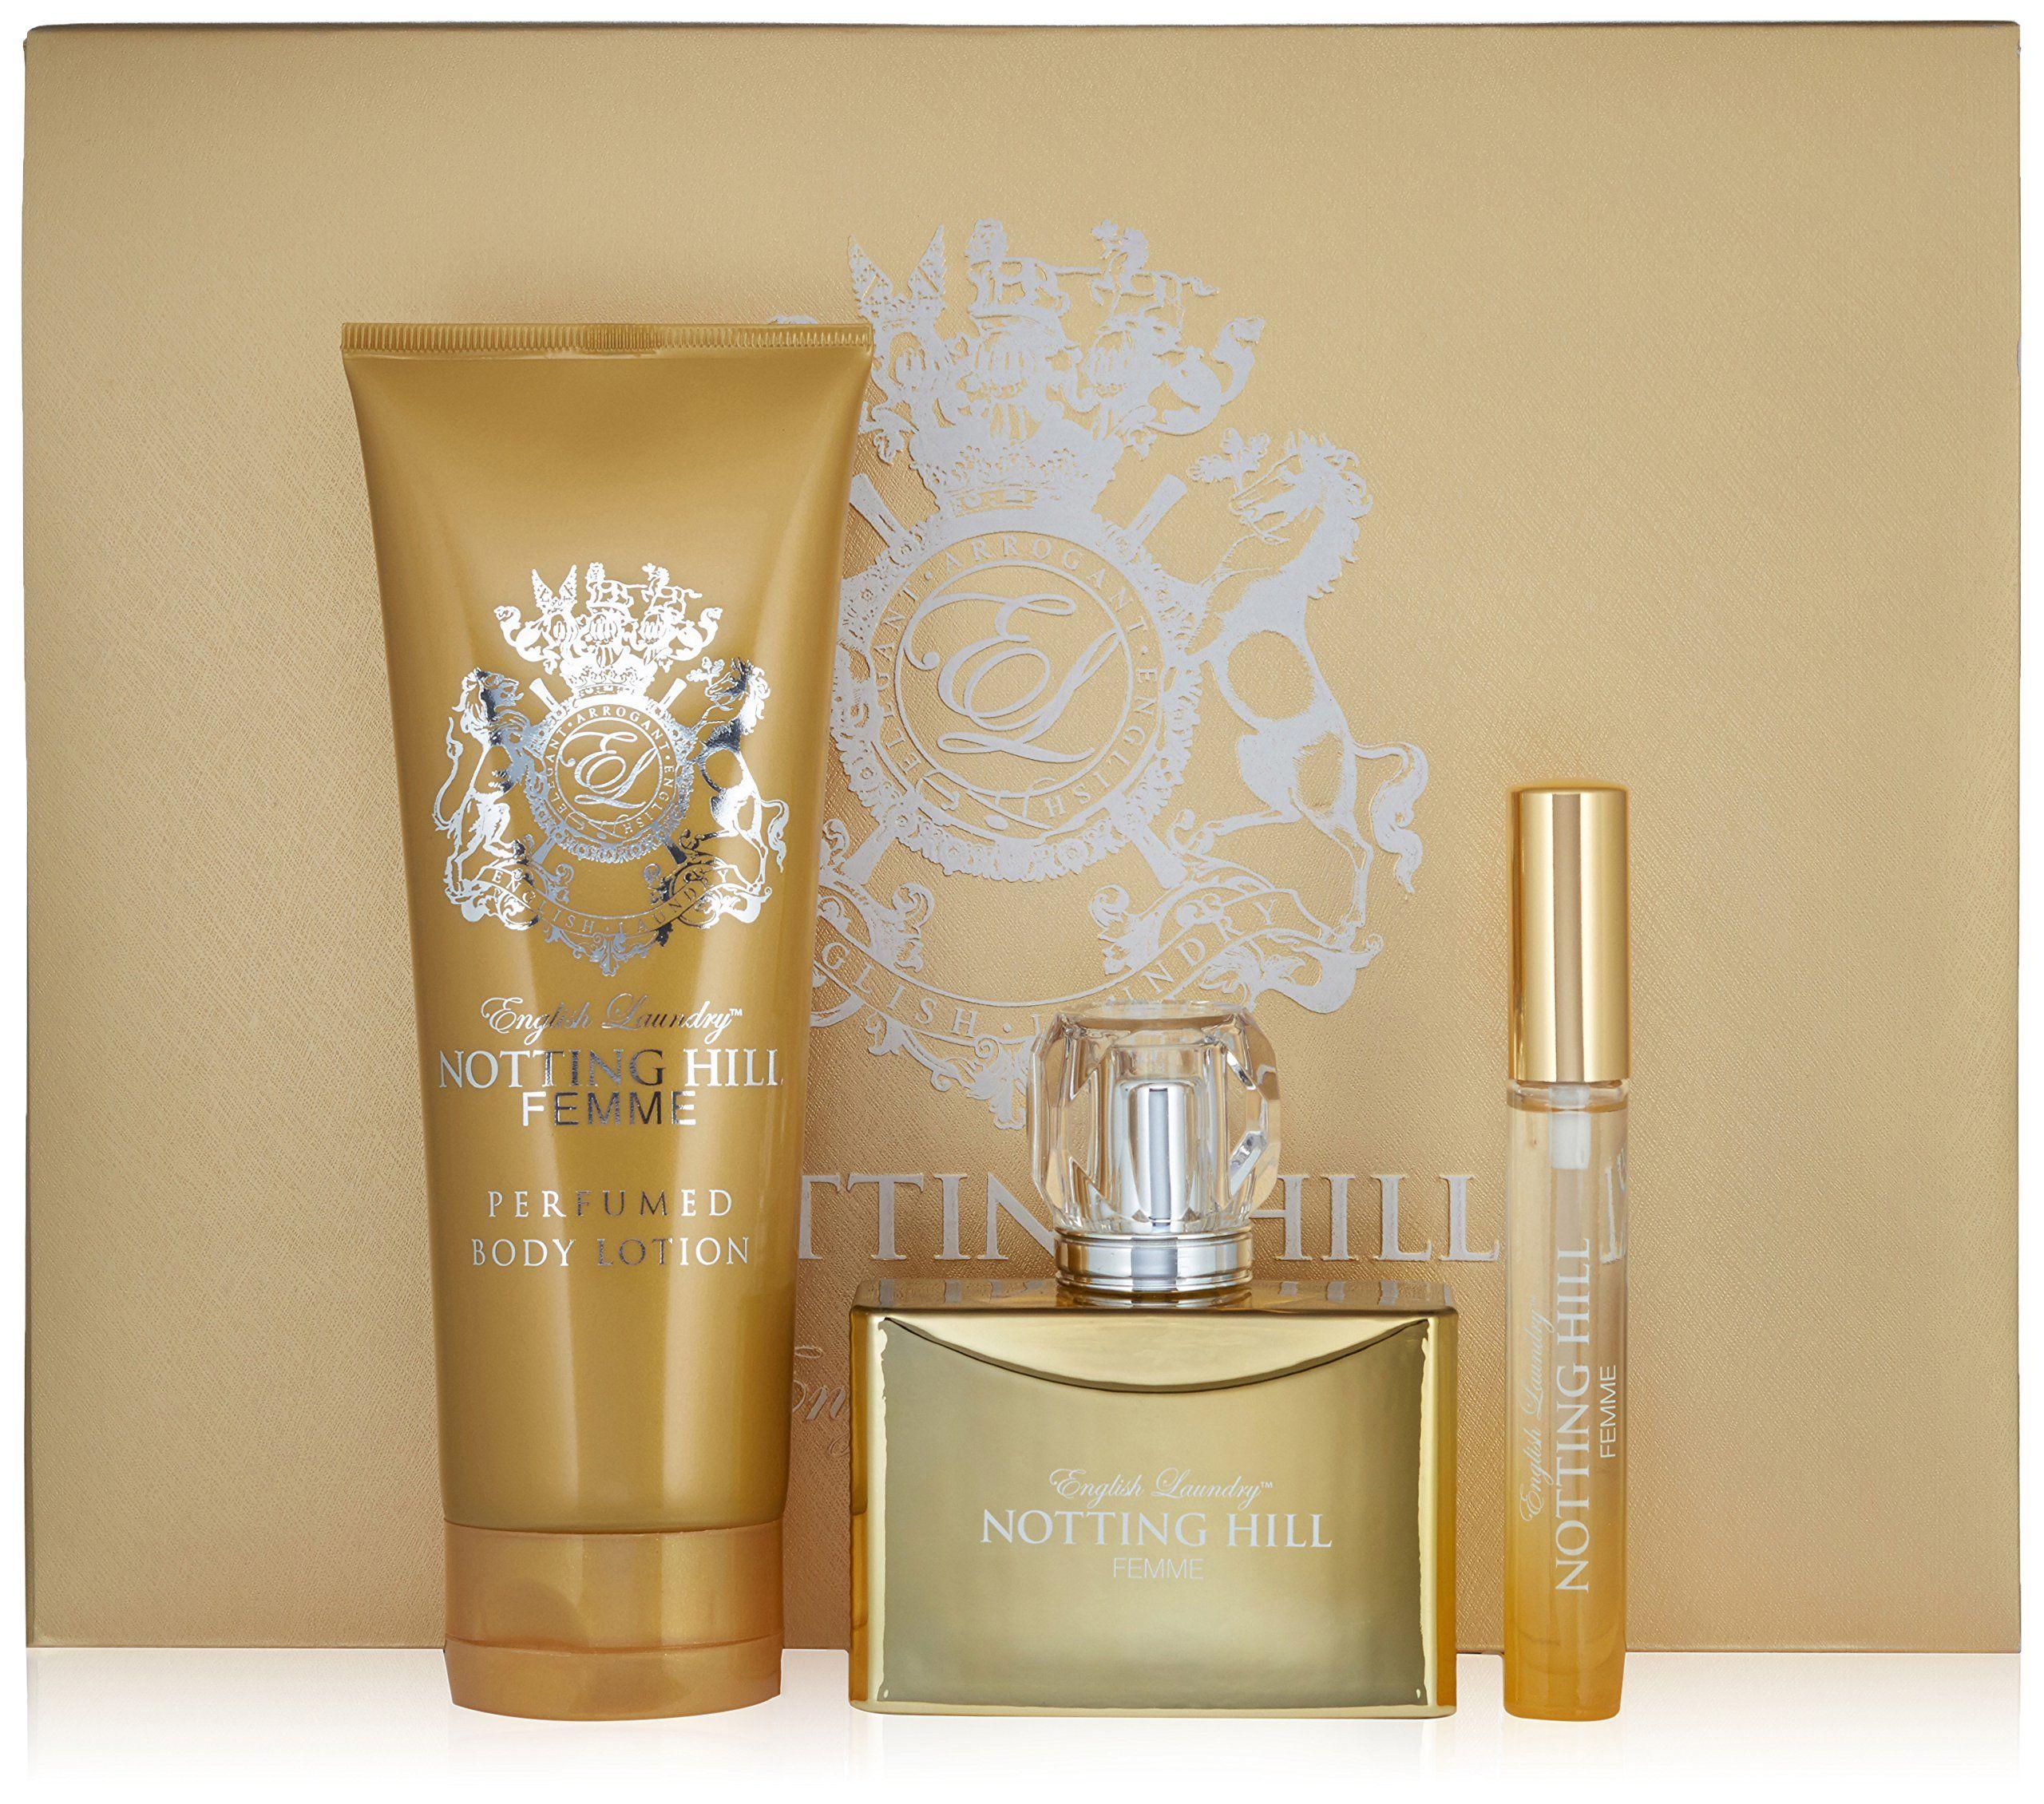 English Laundry Notting Hill Femme Eau de Parfum Spray Gift Set, 3.5 lb.